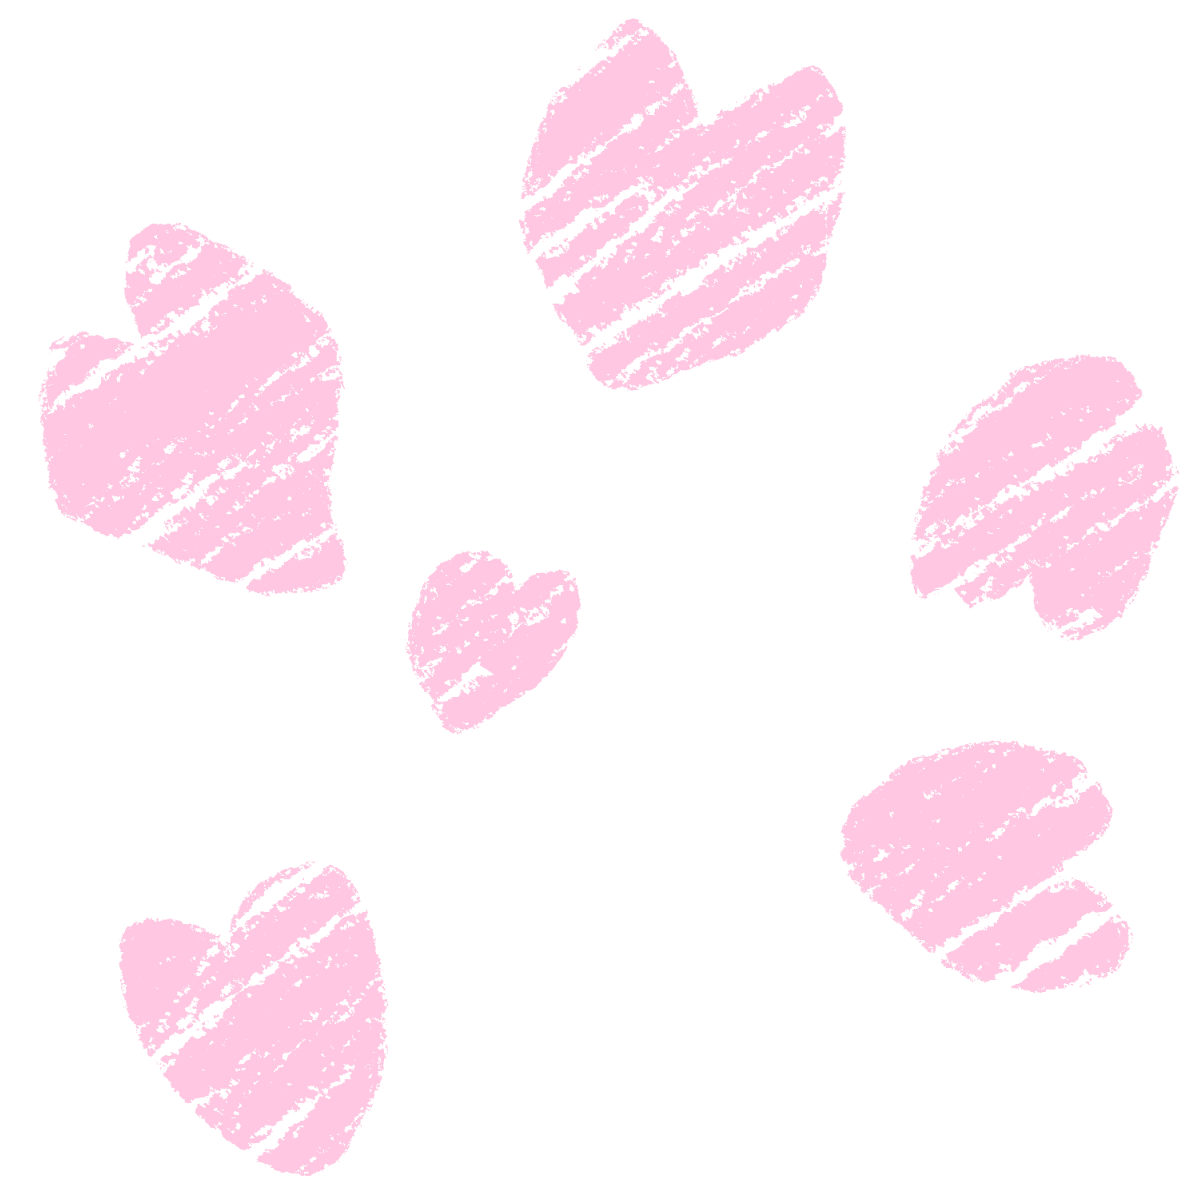 クレヨン塗り【桜の花びら】パステル 暖色セットのイラスト / Crayon Coloring [Cherry Blossom Petals] Pastel, warm Color Set Illustration